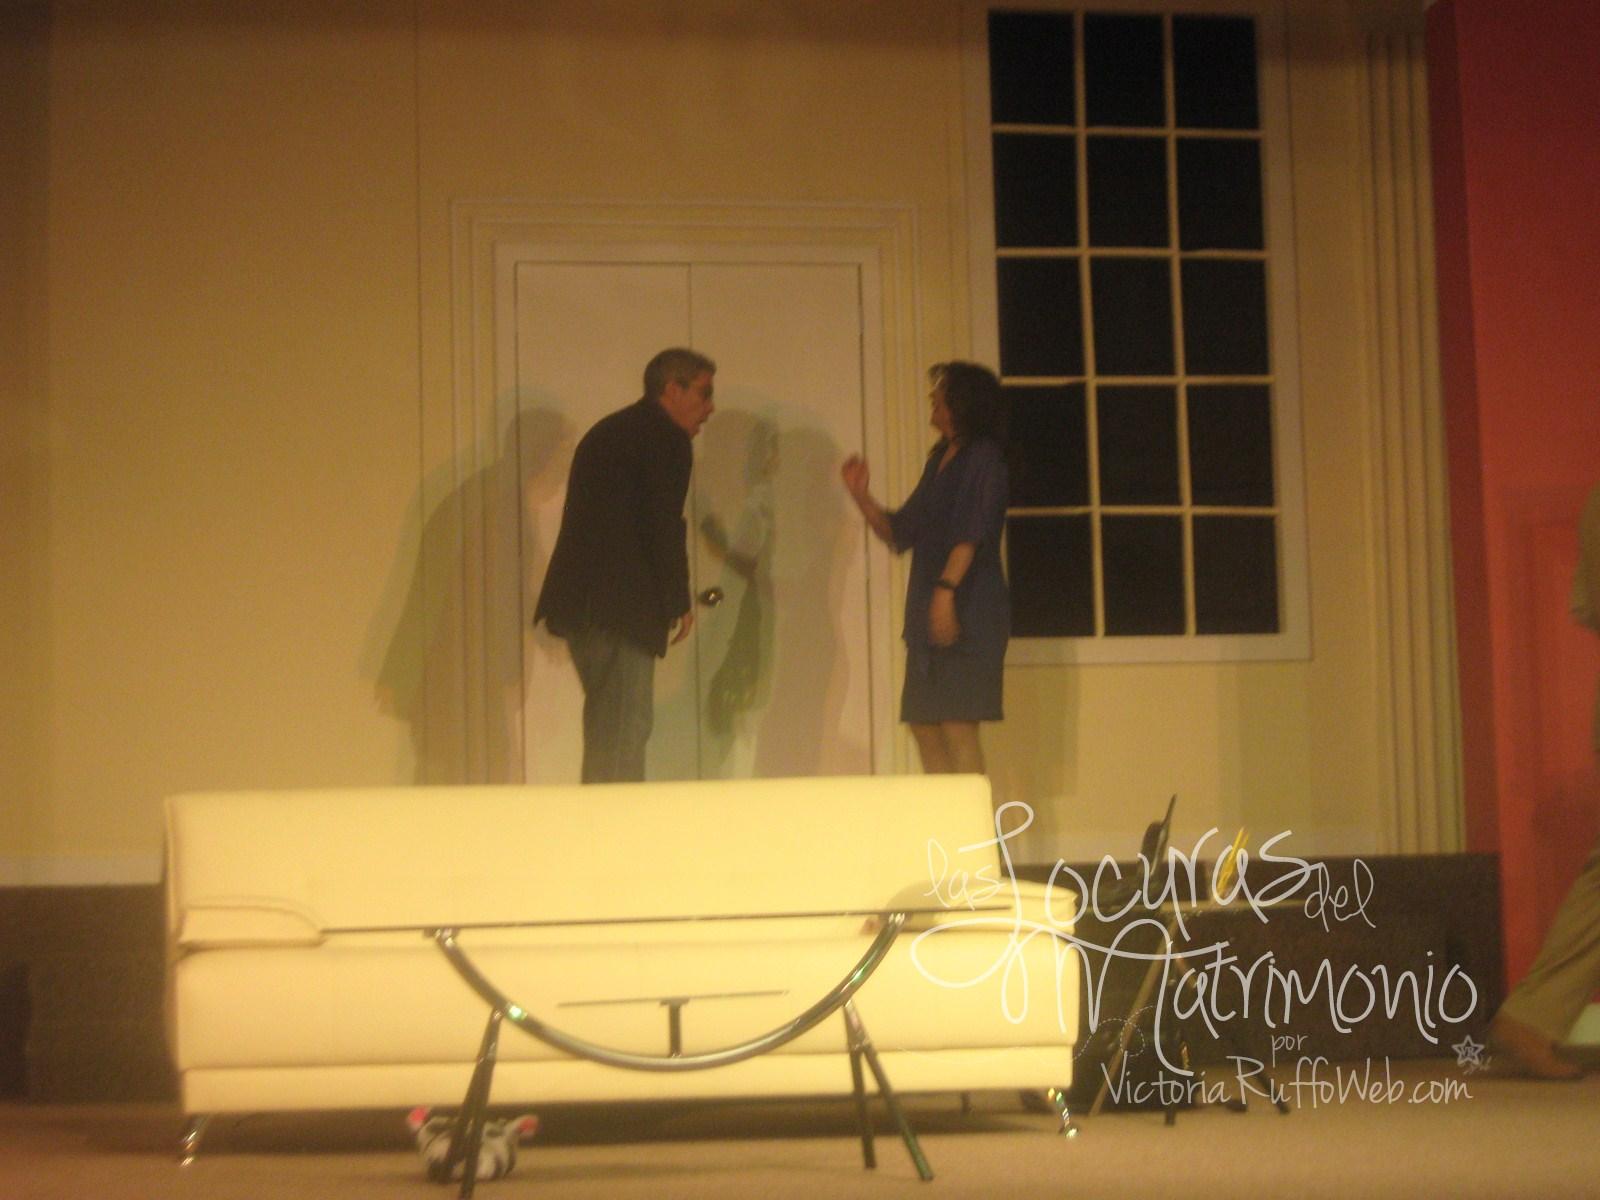 . *`'·.¸ Fotos Exclusivas VRW de la obra Las Locuras del Matrimonio ♥ AbqMT33H_o